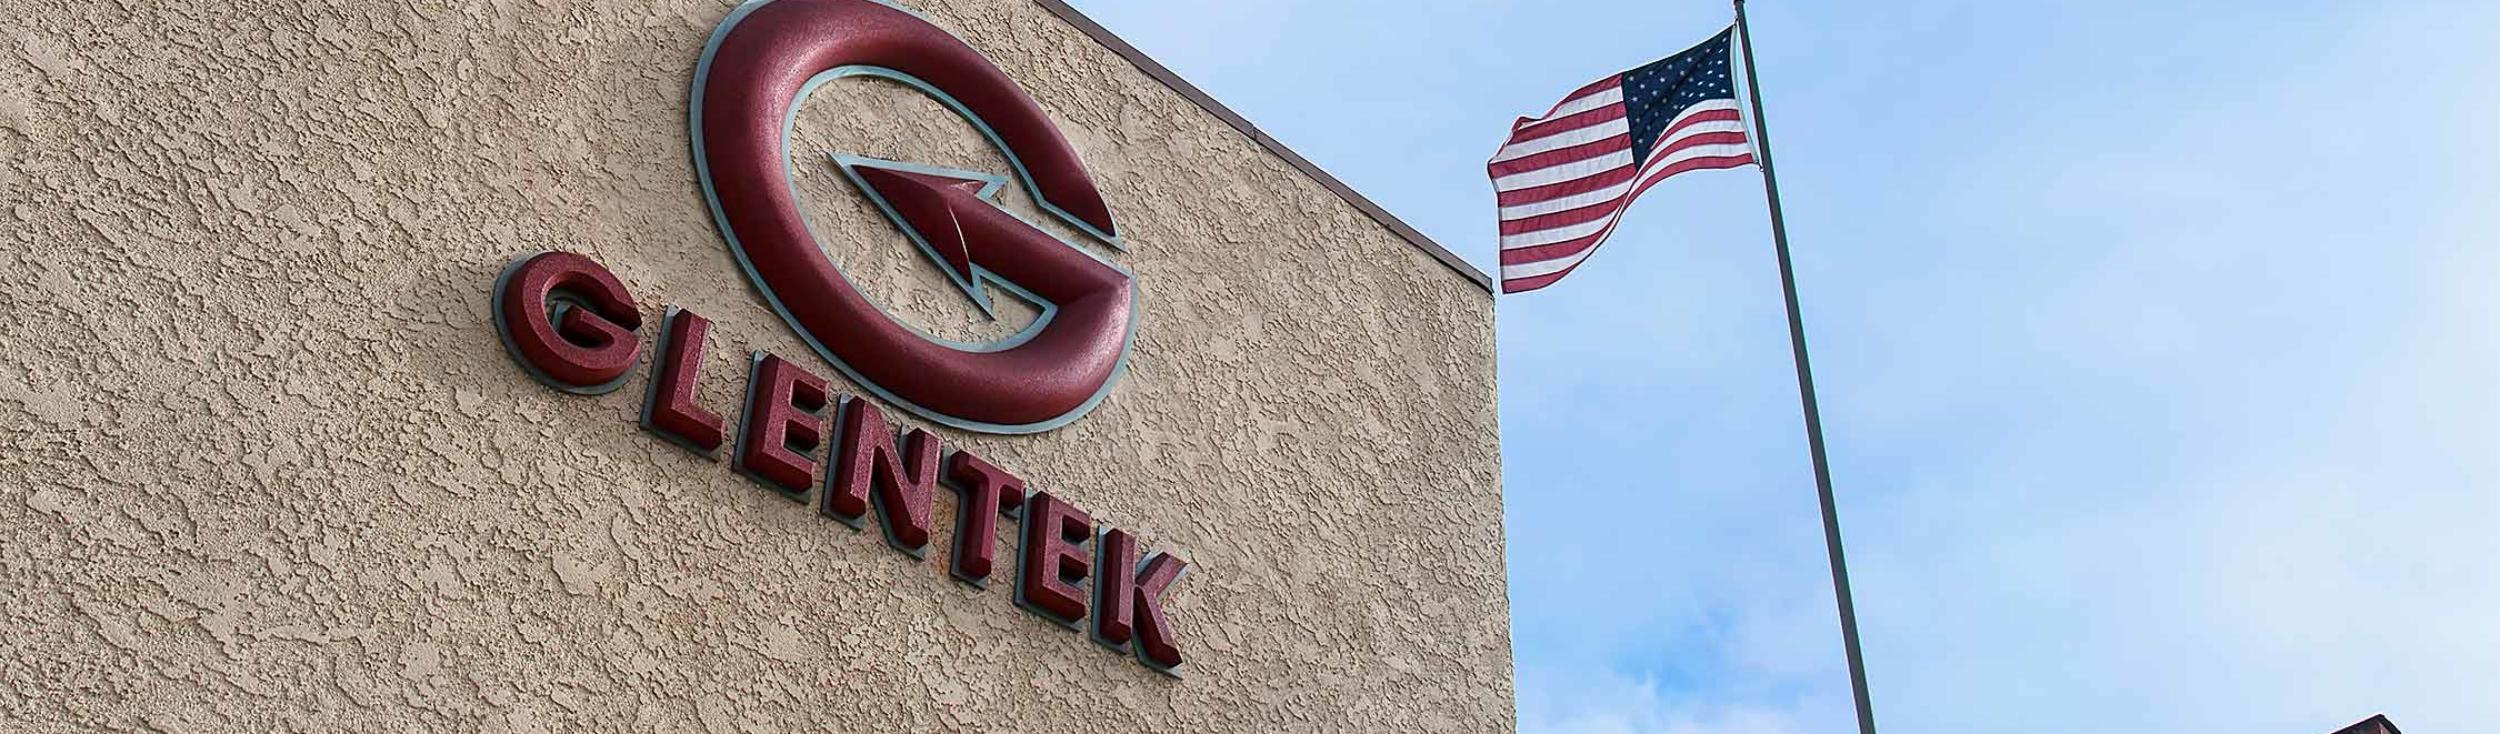 Flag-and-Glentek